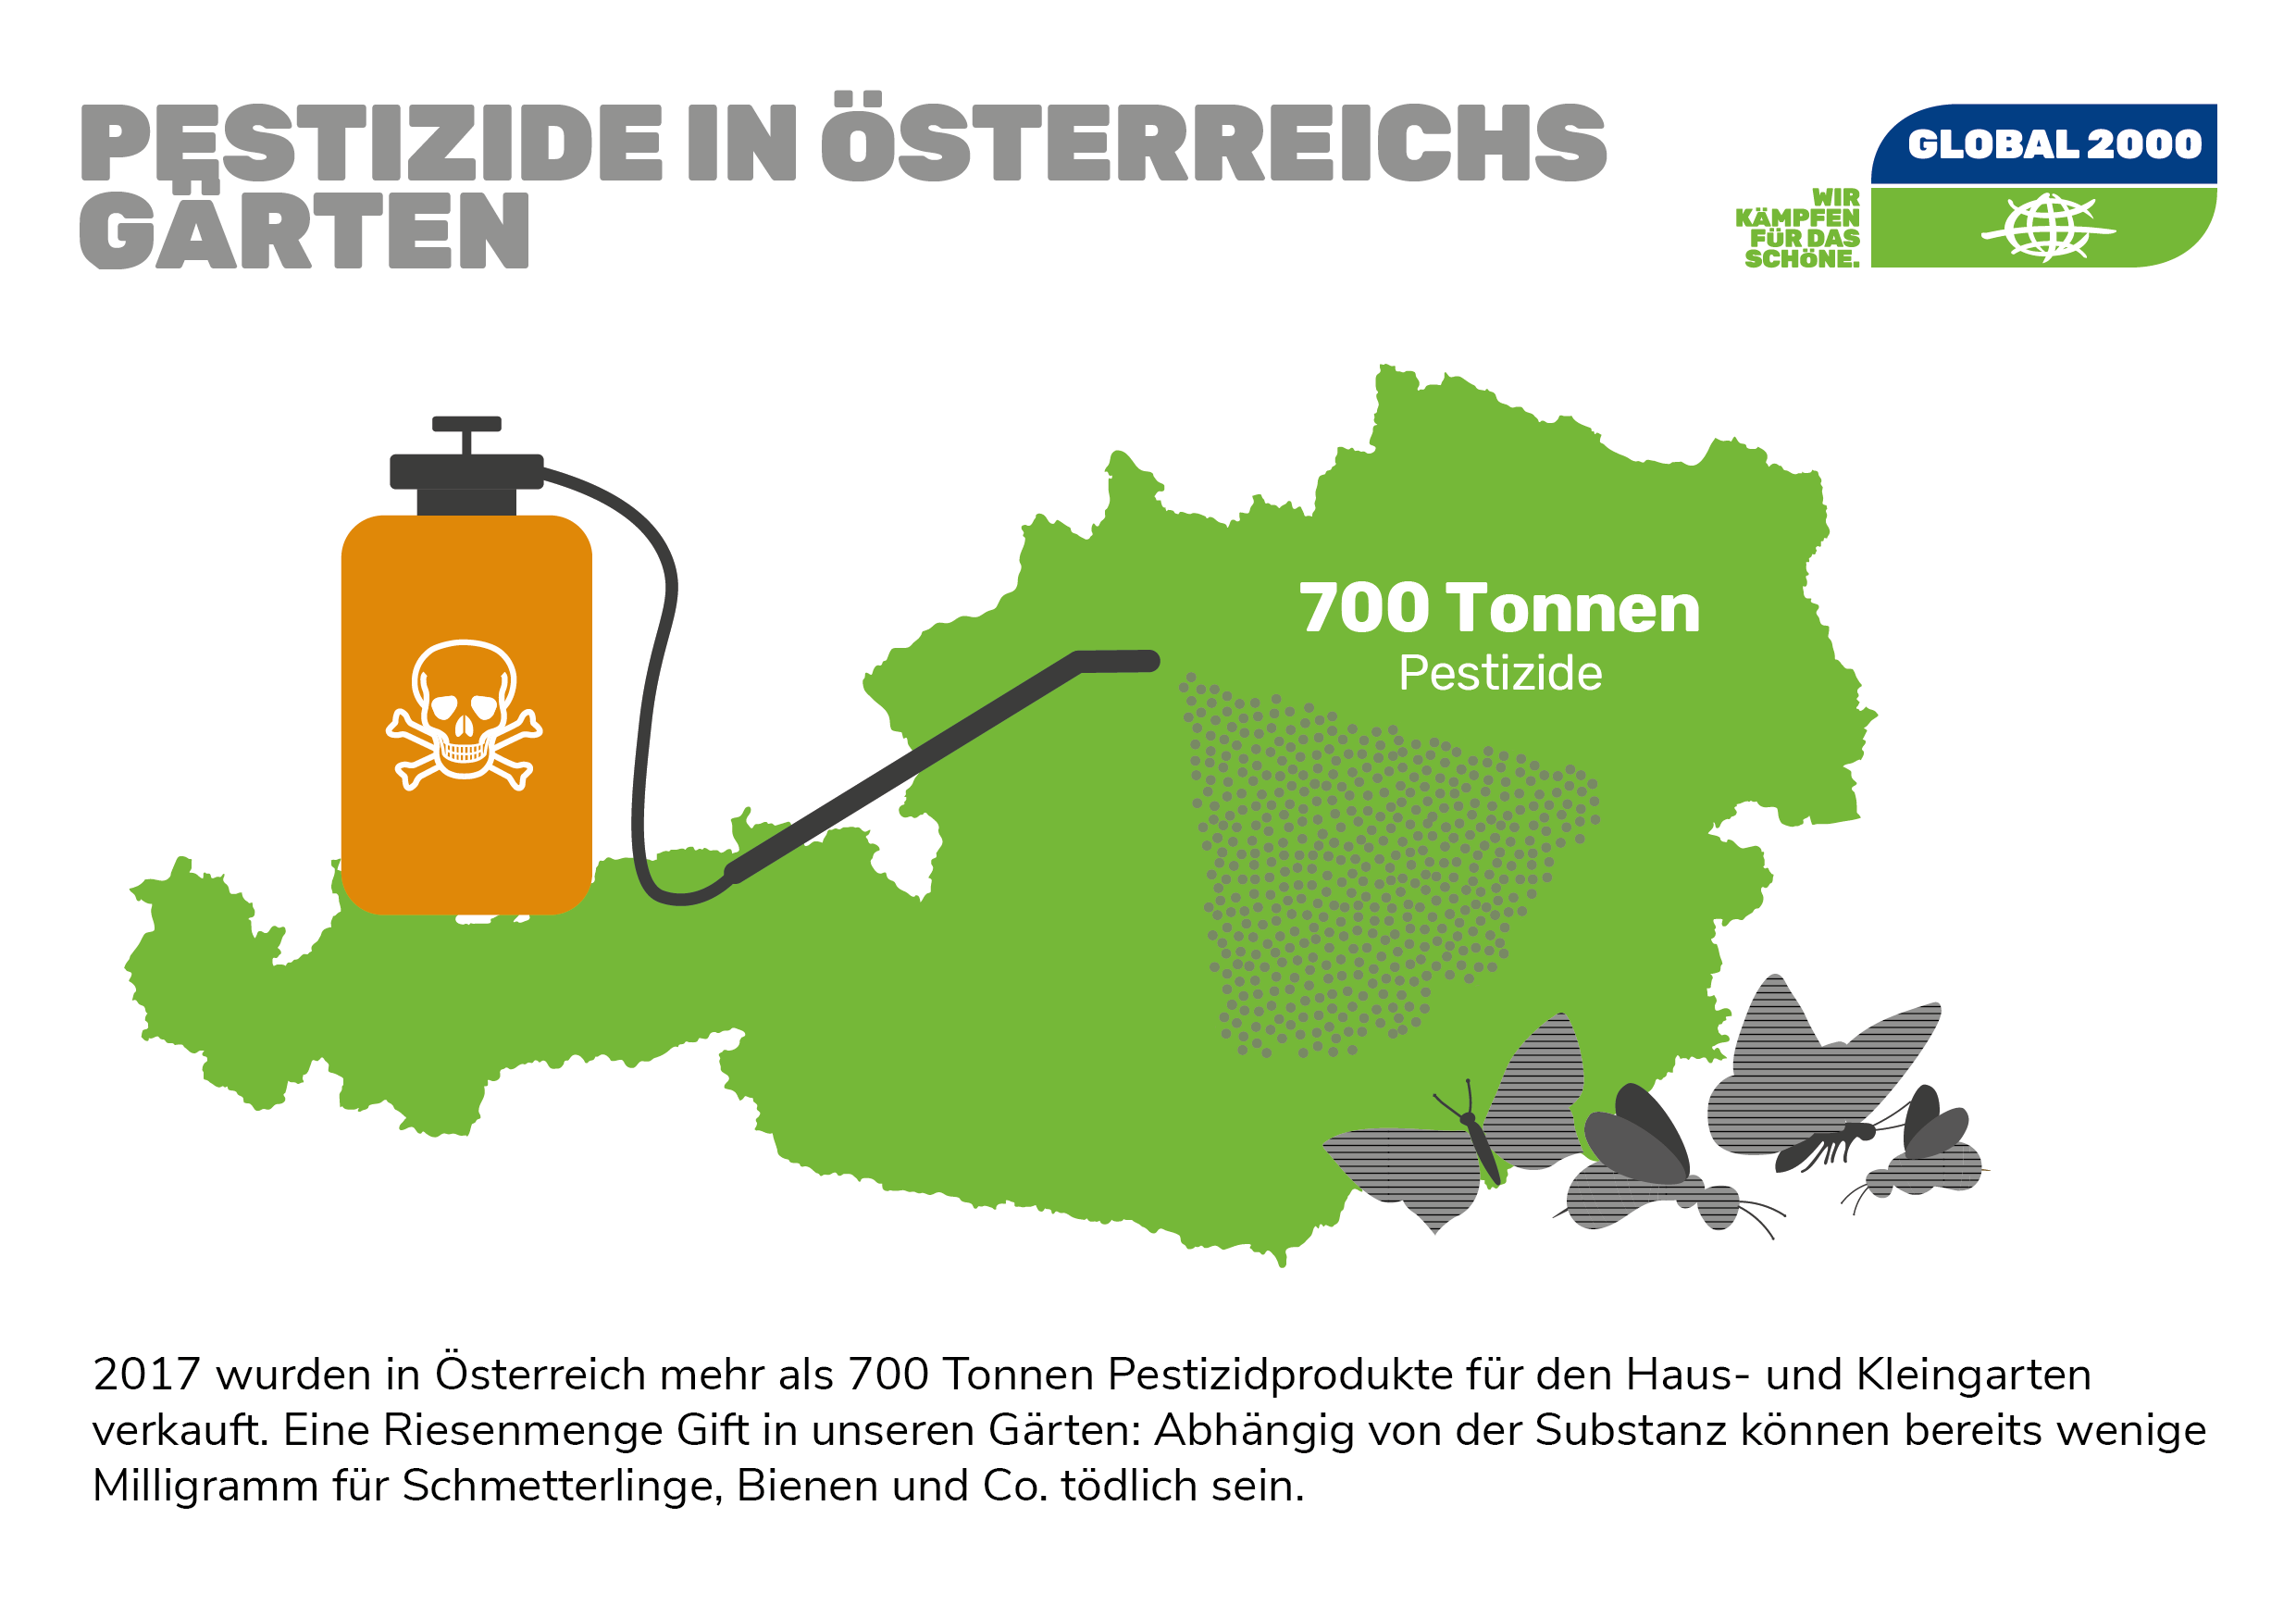 Infografik: Pestizideinsatz in Österreichs Gärten - rund 700 Tonnen